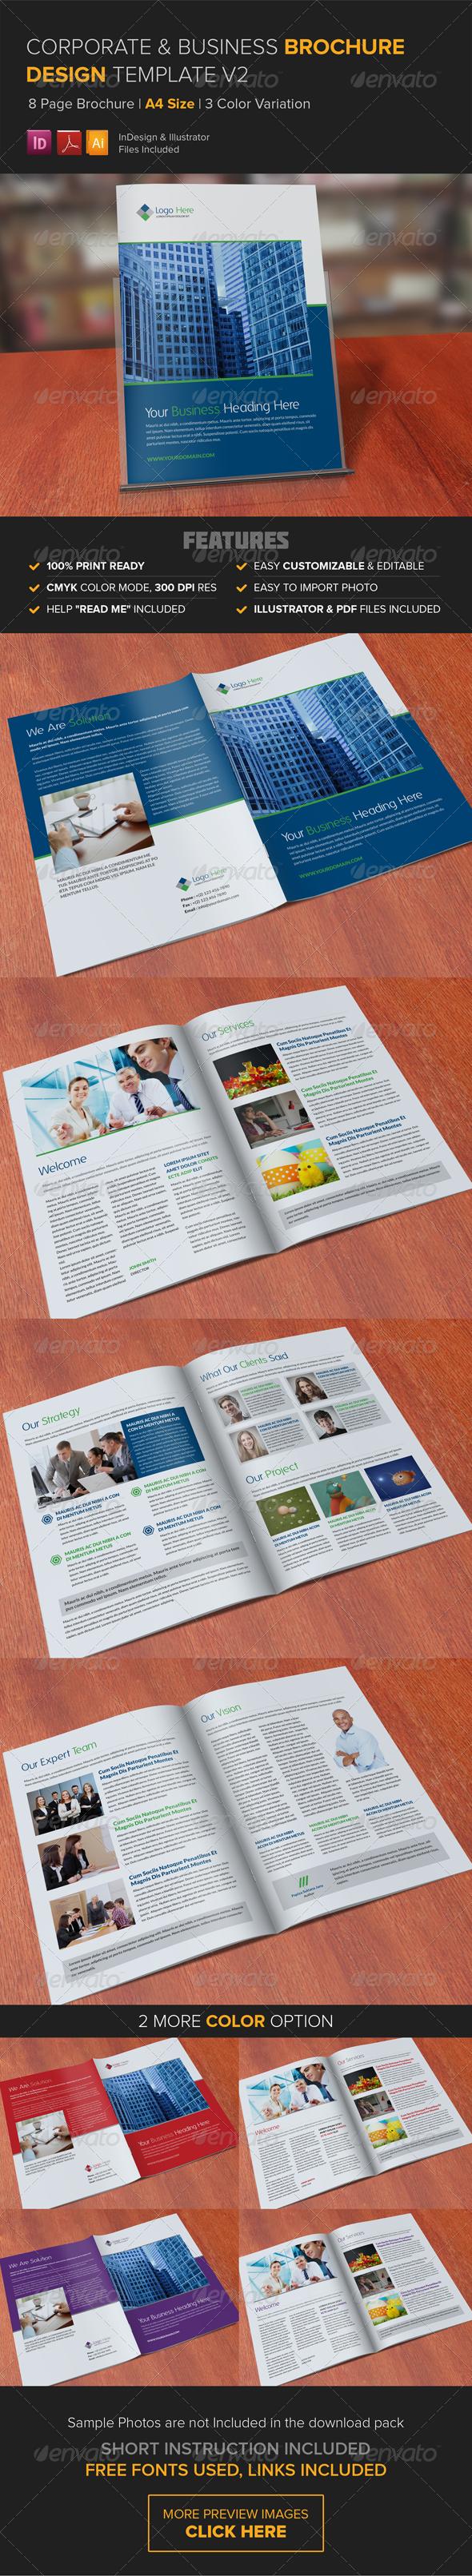 GraphicRiver Corporate Multipurpose Brochure Template v2 8315636